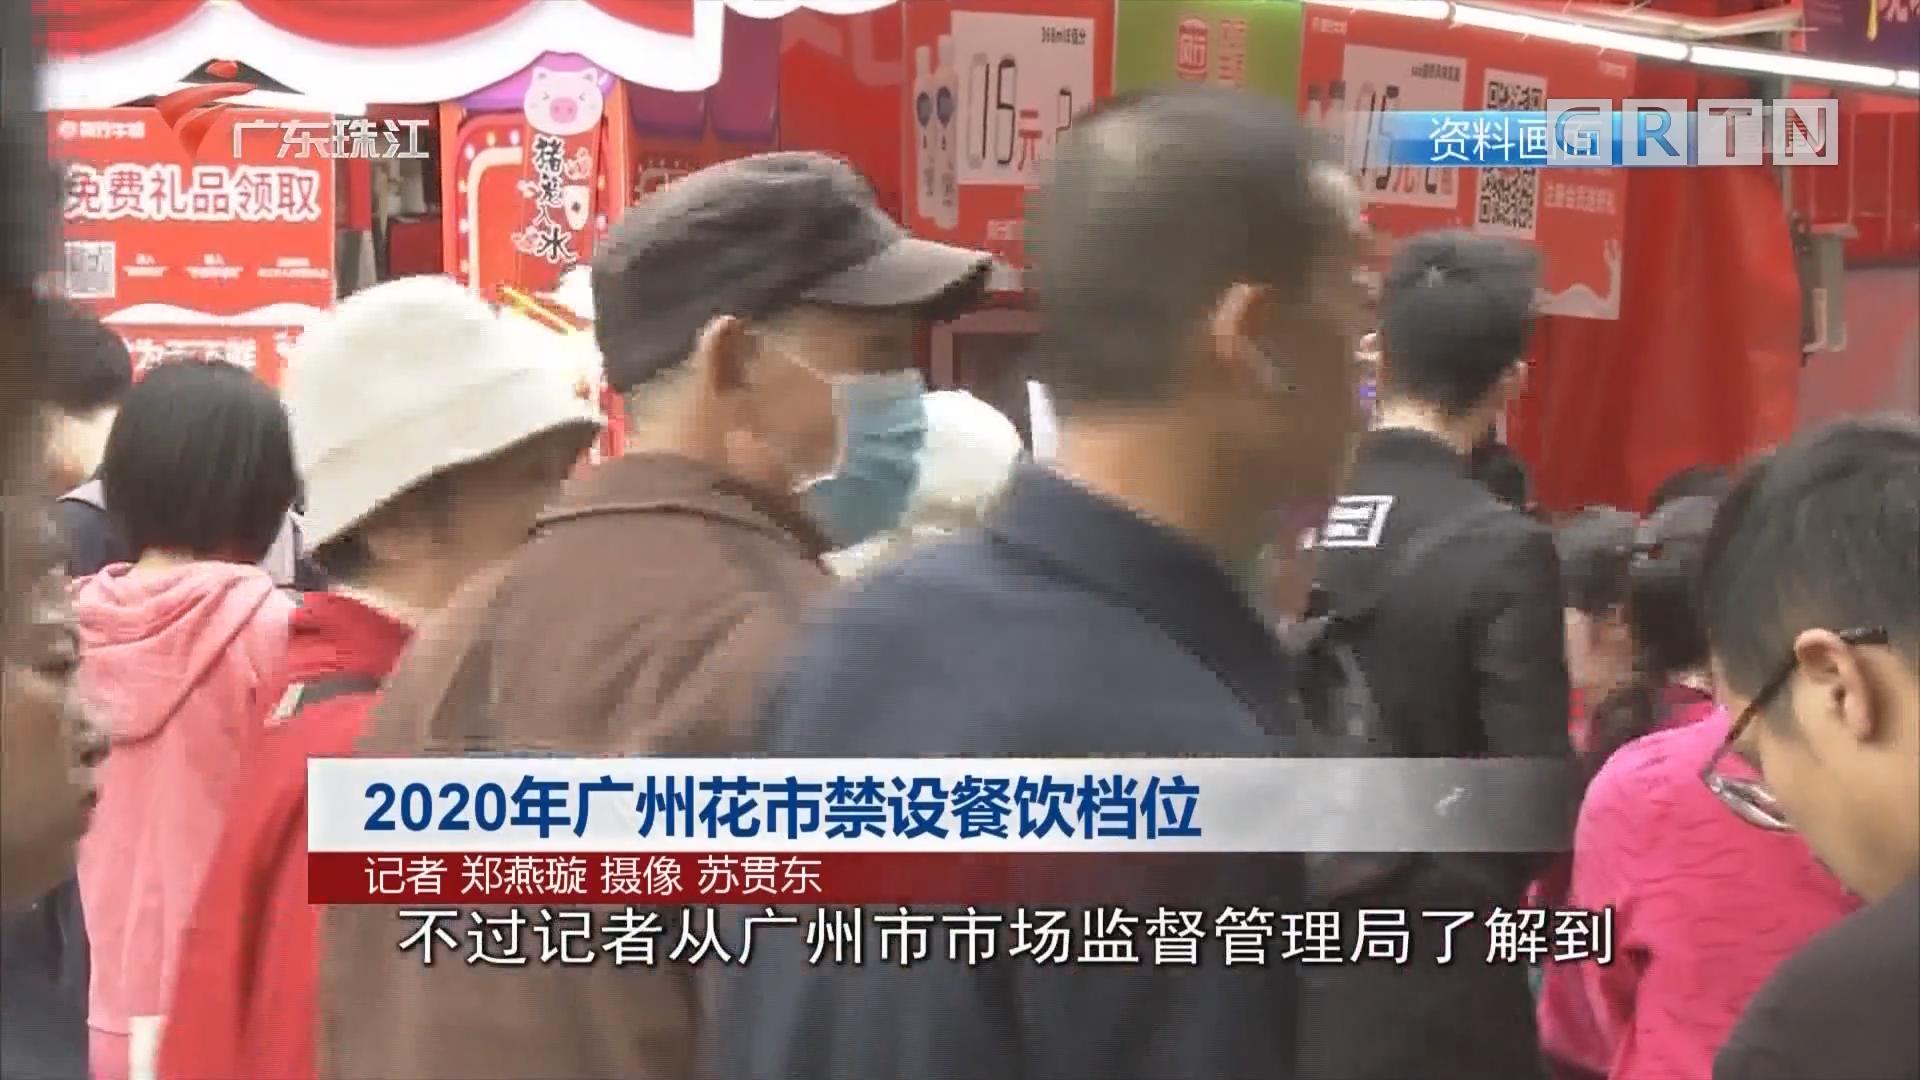 2020年广州花市禁设餐饮档位